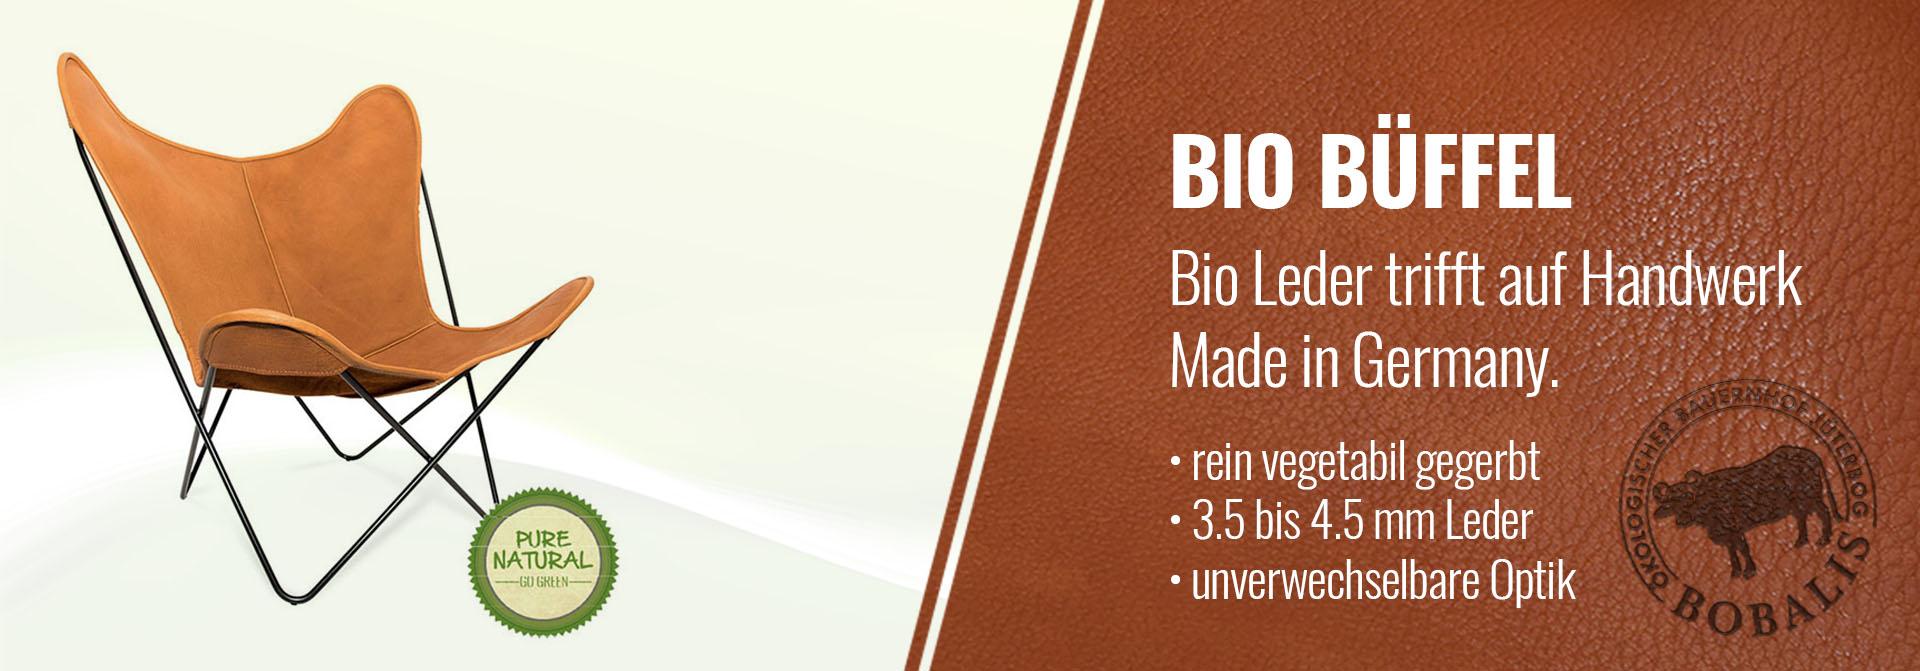 Bio Büffel Leder